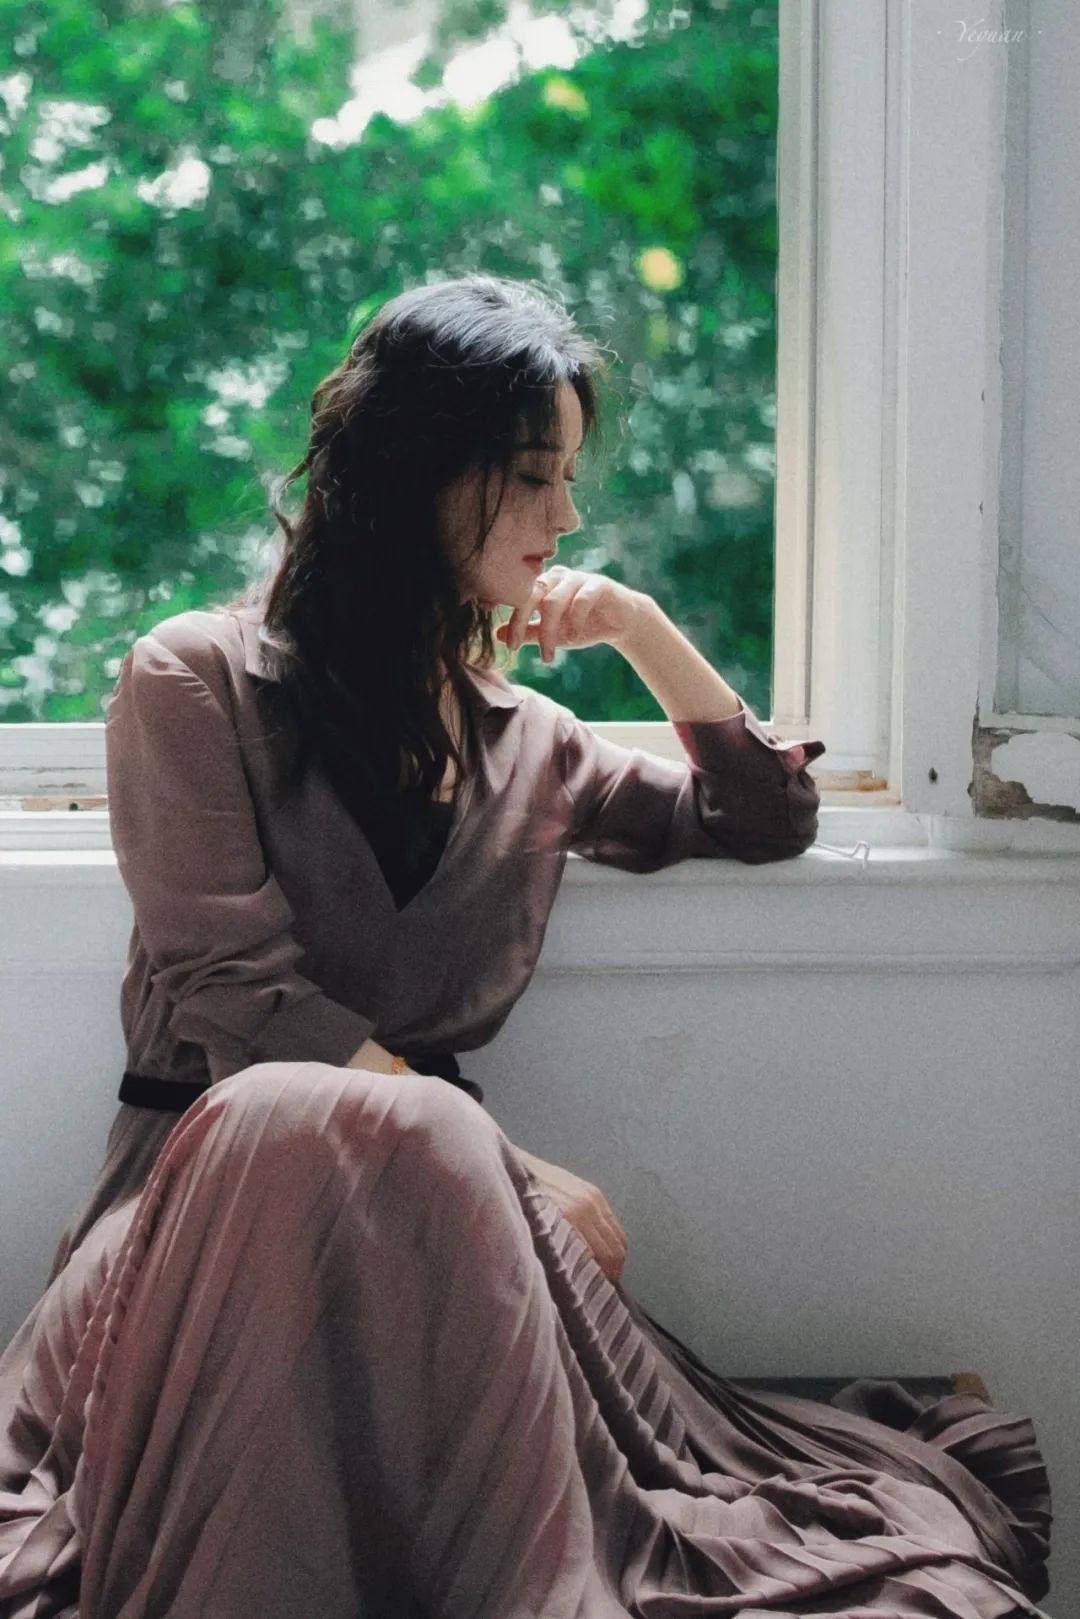 妹子写真 – 赵丽颖和赵露思,都是灵气十足的小仙女啊_图片 No.6